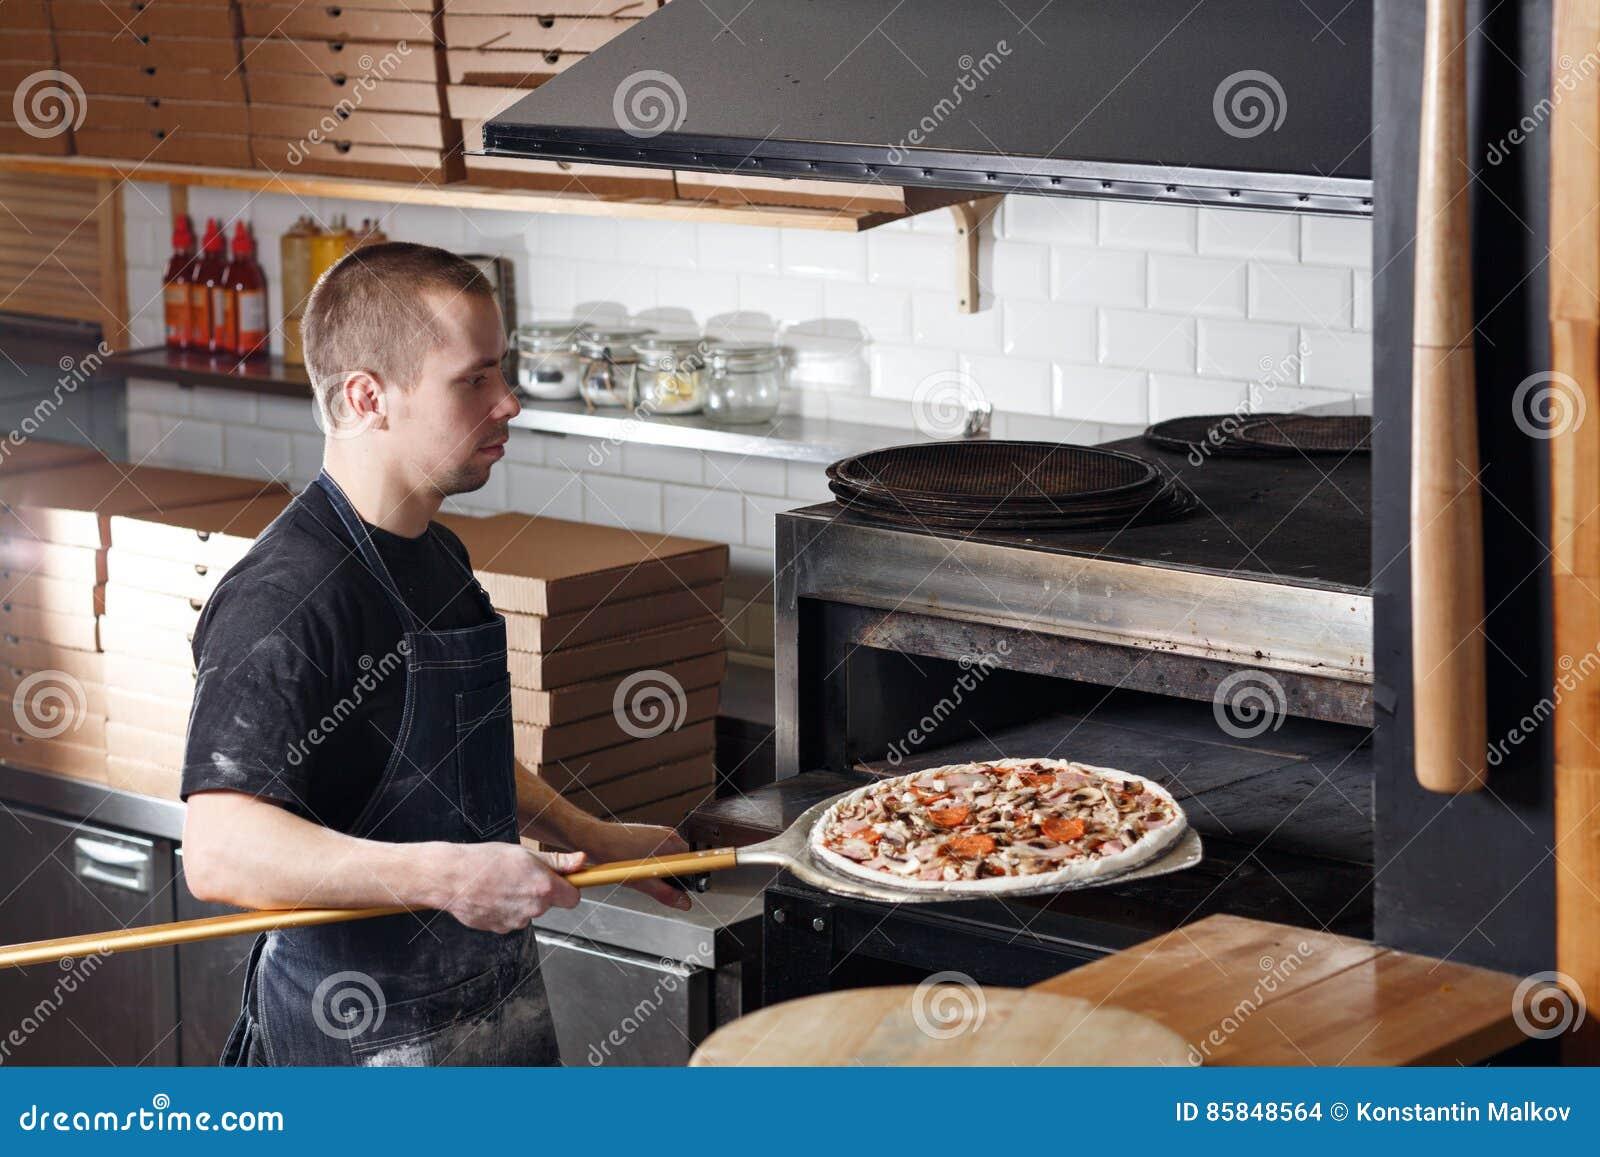 Rohe Pizza Backfertig Im Ofen Kochen Sie In Einem Blauen Schutzblech ...